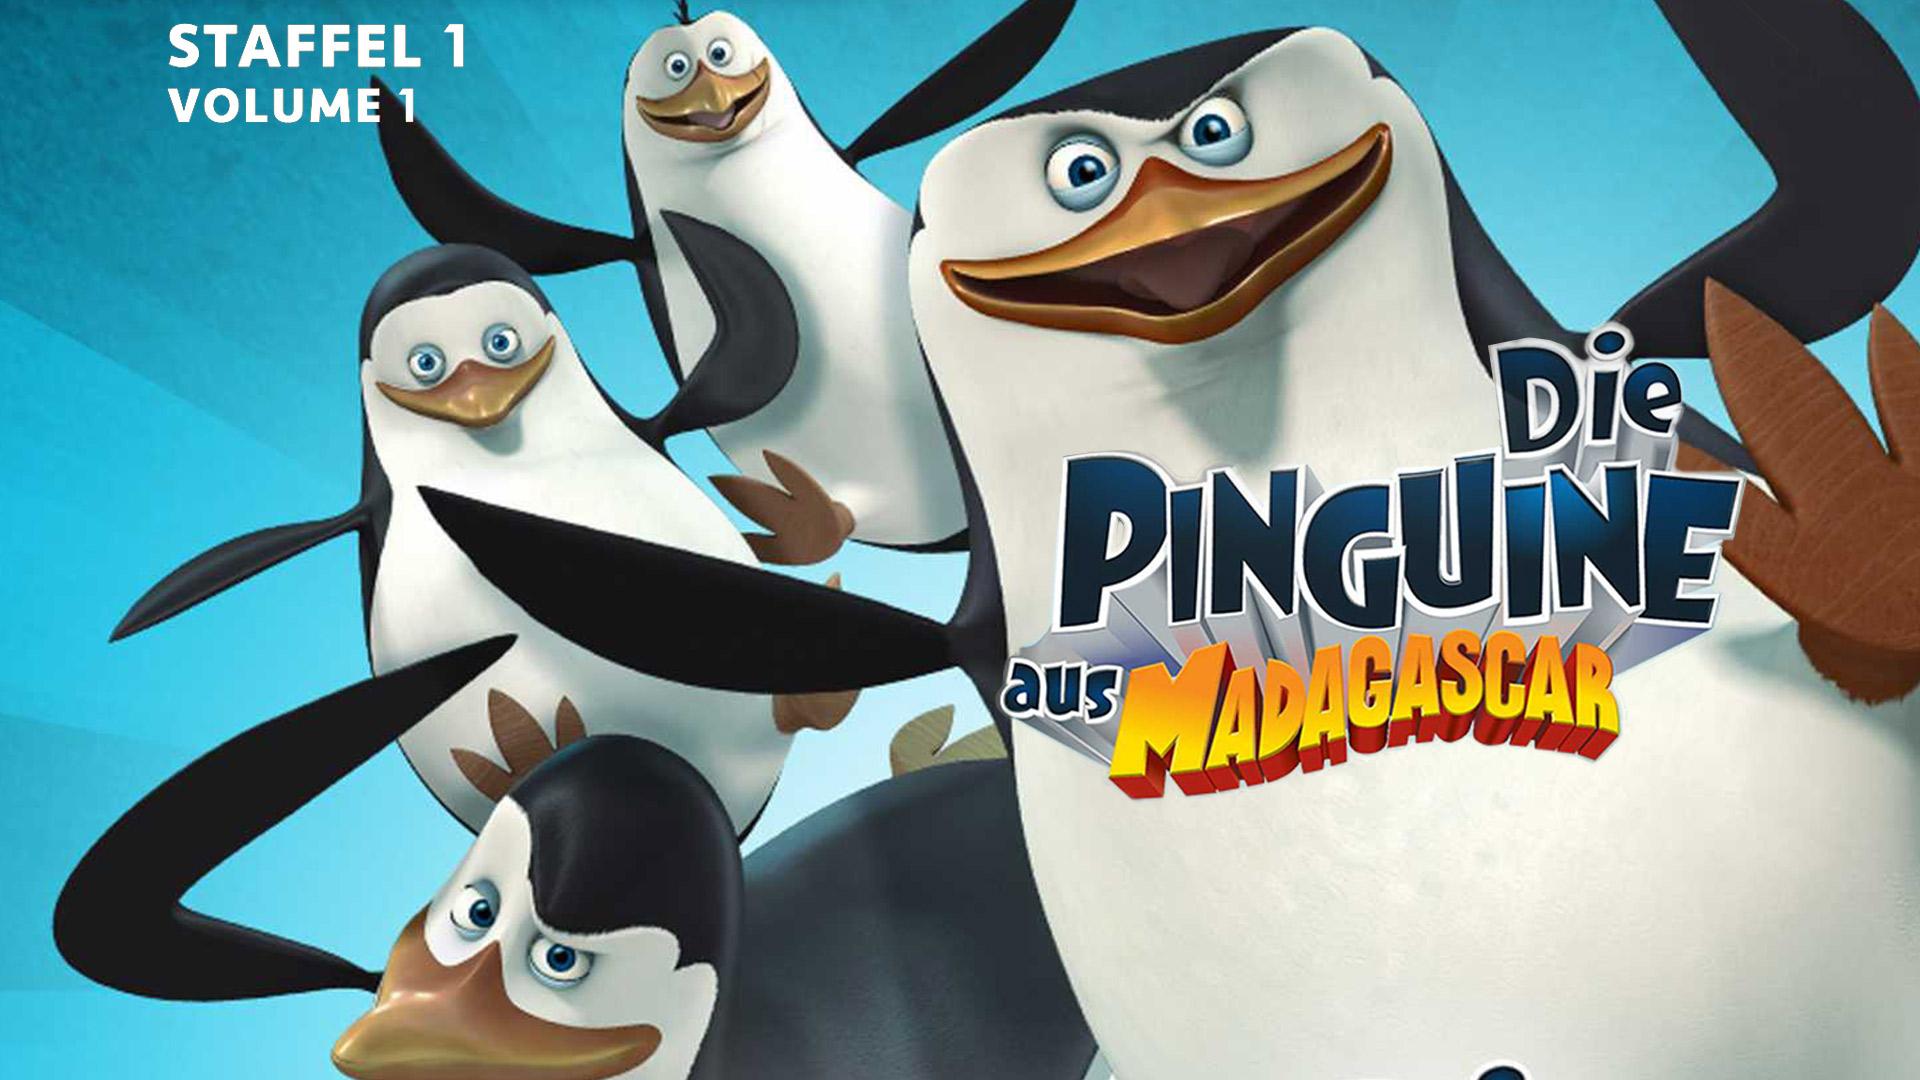 Die Pinguine aus Madagascar - Staffel 1 Teil 1 [dt./OV]